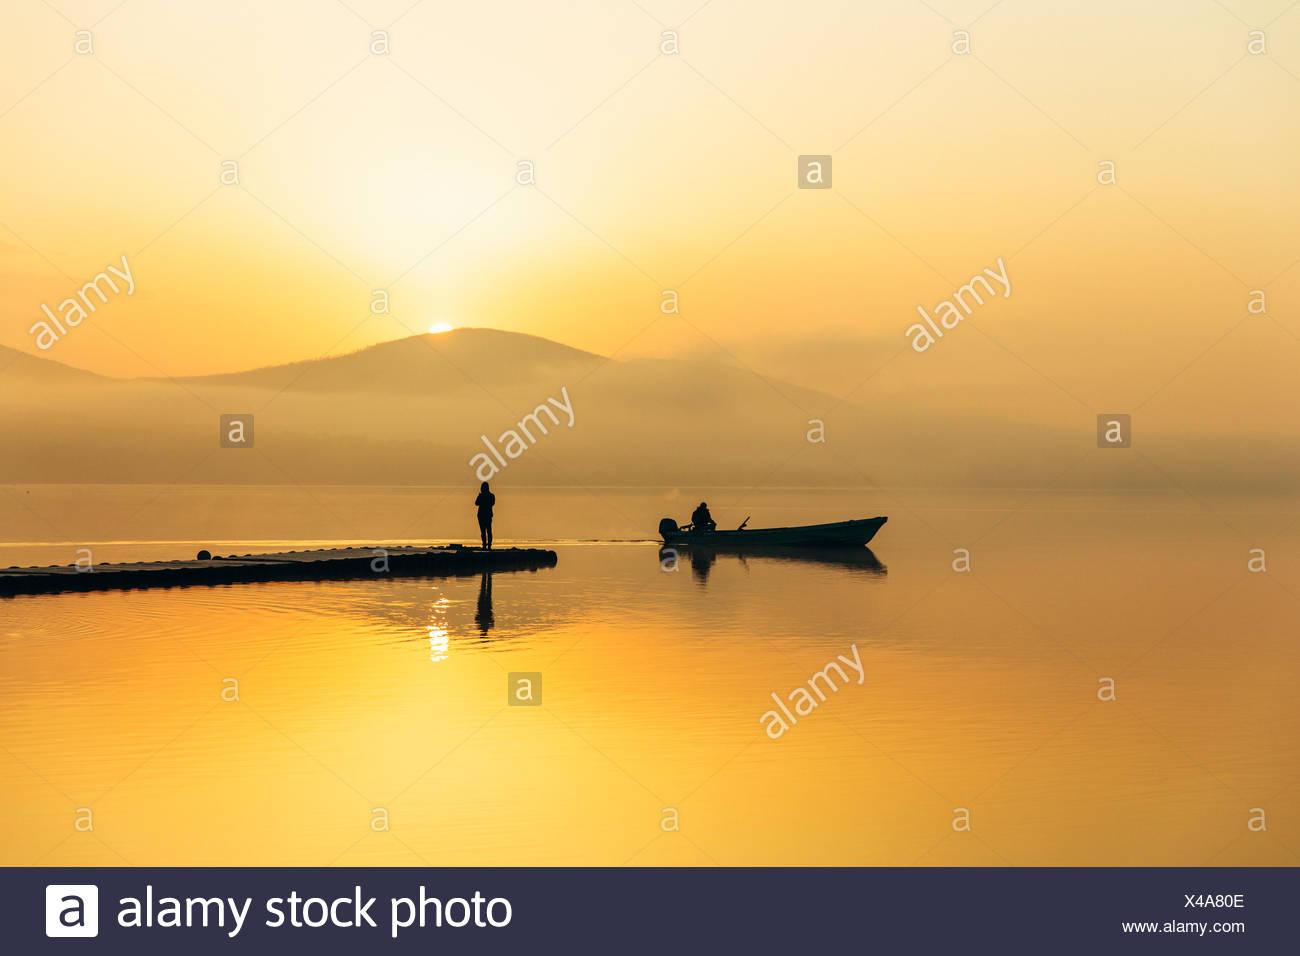 Japón, la Península de Izu, siluetas de dos personas en el barco y el muelle Imagen De Stock